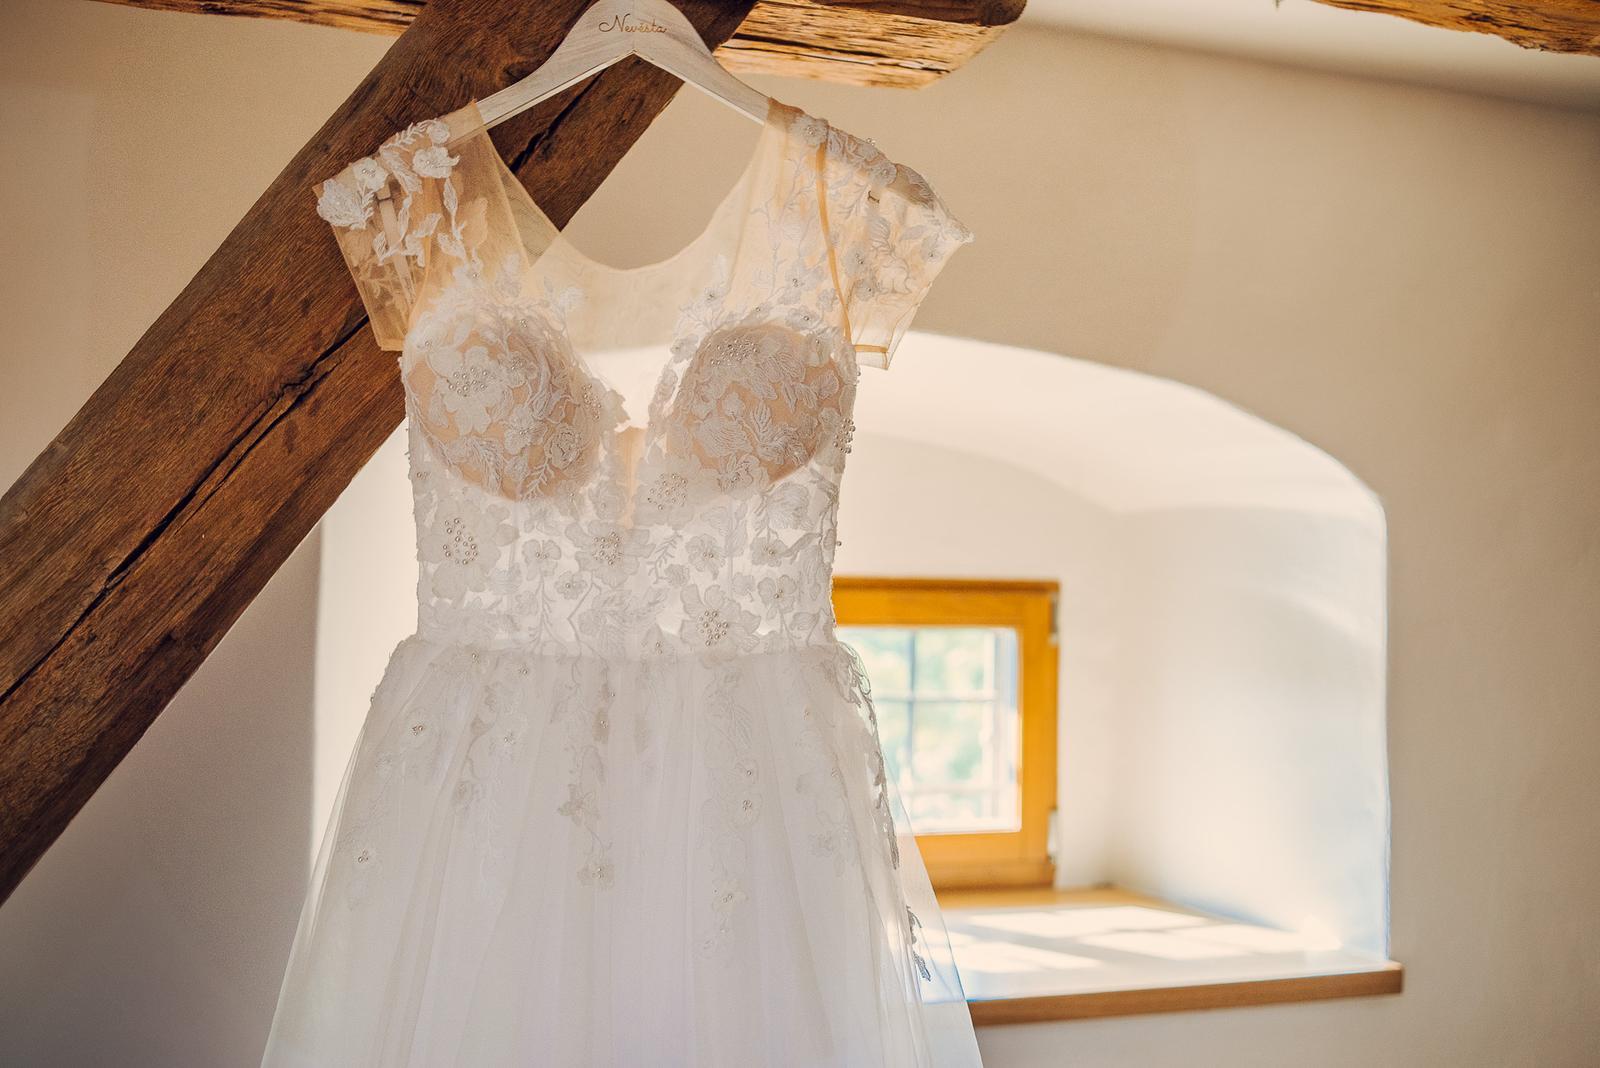 Svatební šaty Elody, vel. 34/36 - Obrázek č. 1